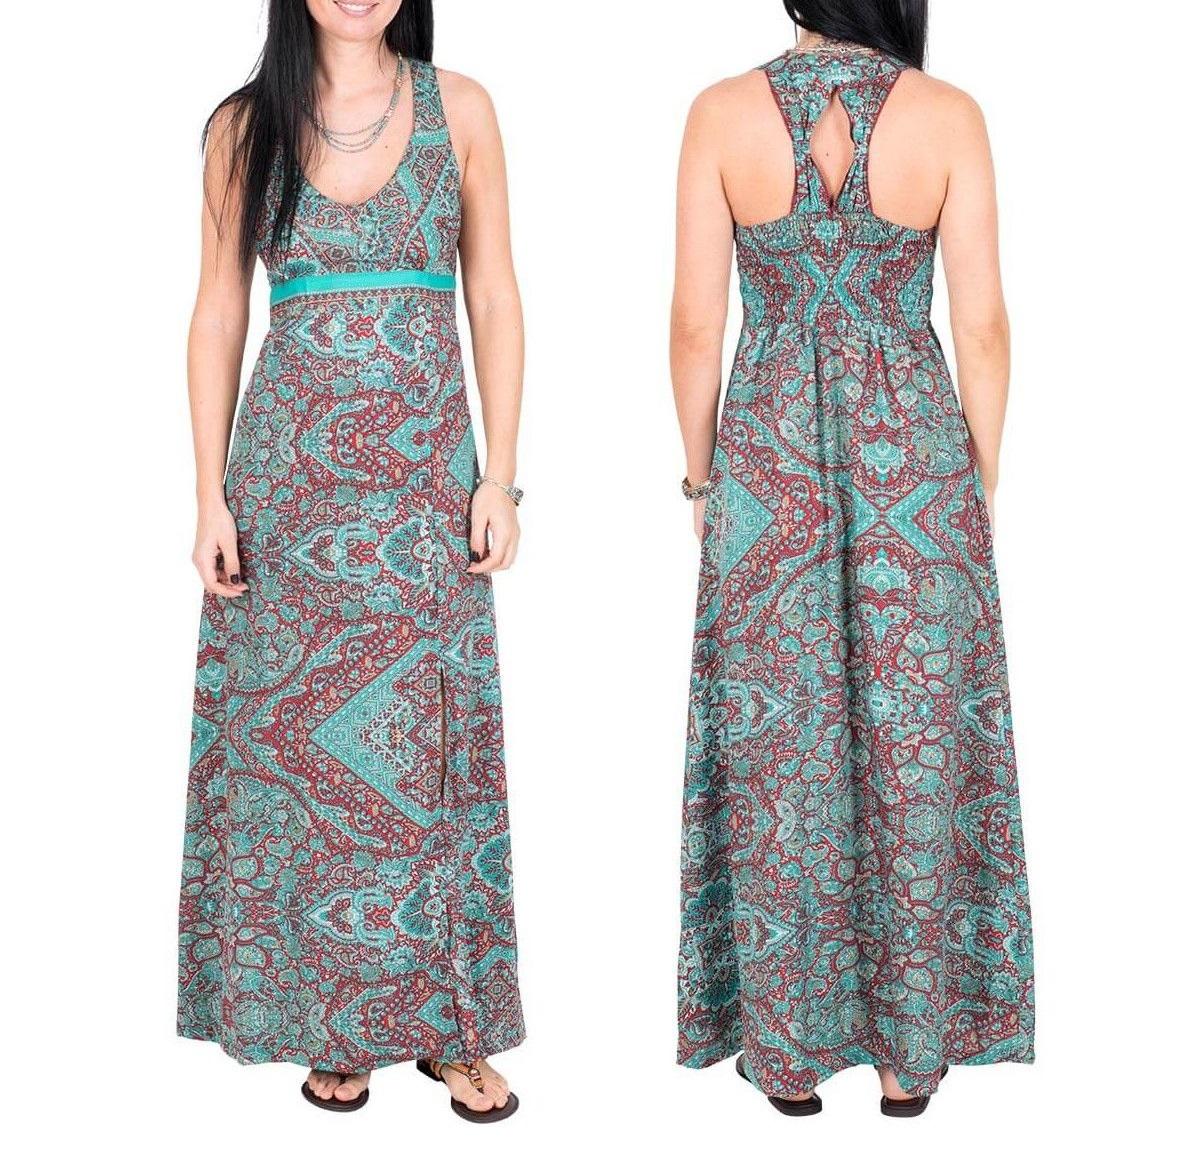 Originale vestito in seta | Abbigliamento estate vendita online